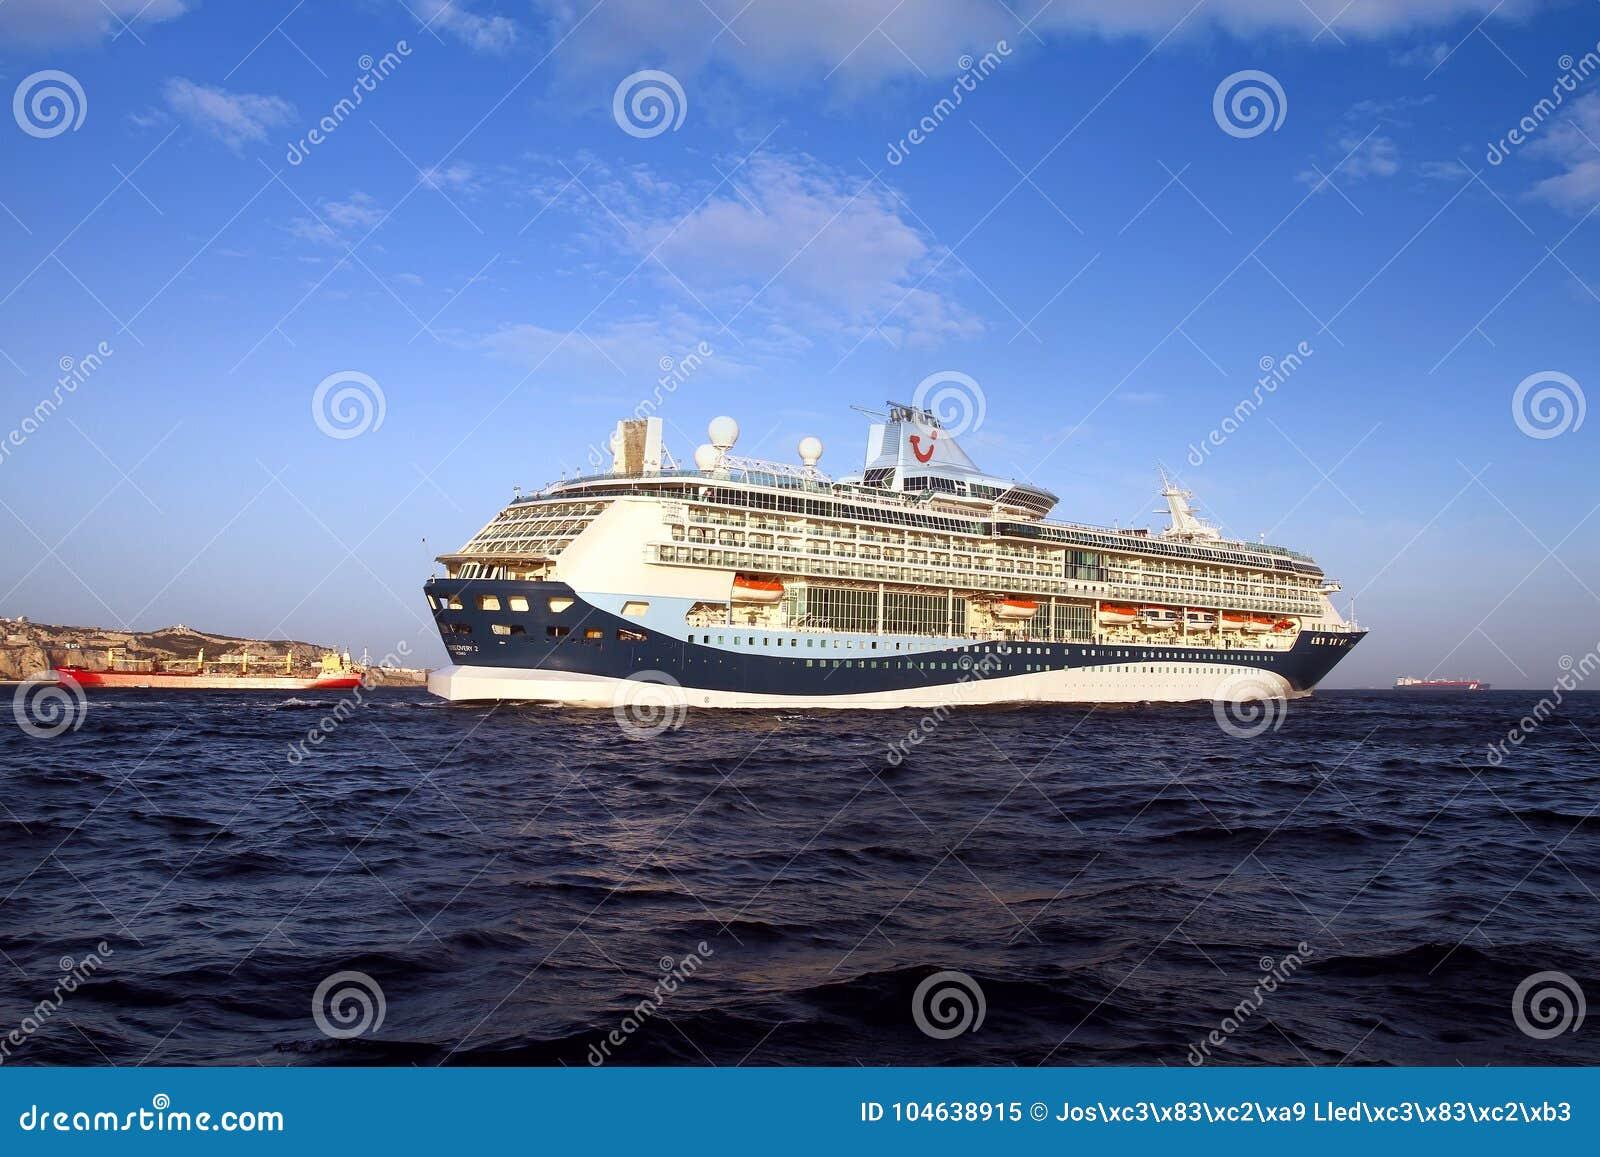 Download Grote Cruiseship Tui Discovery Die 2 Binnen Algeciras Baai En Dicht Bij De Rots Van Gibraltar Varen Redactionele Afbeelding - Afbeelding bestaande uit haven, groot: 104638915